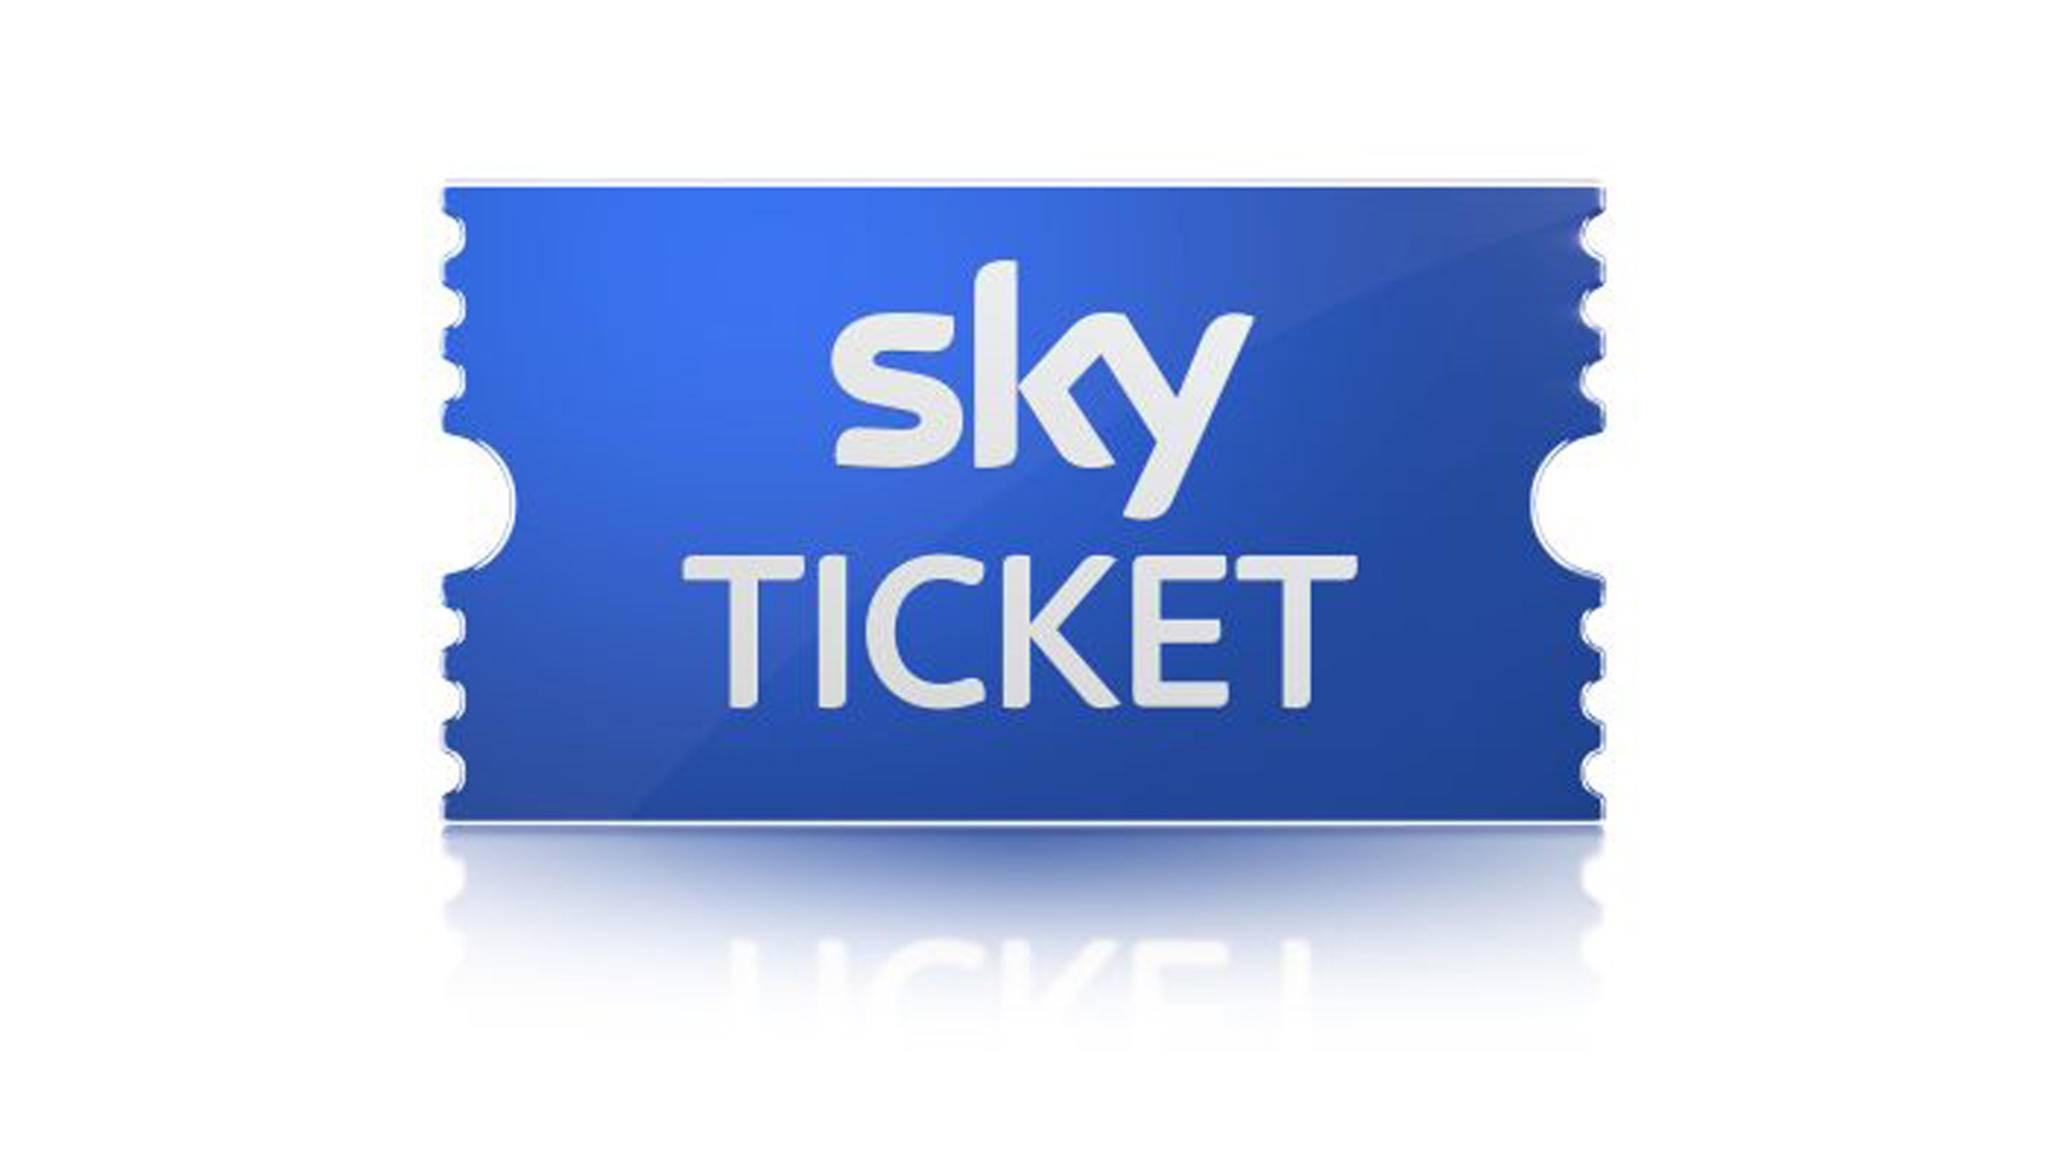 Sky Ticket Download